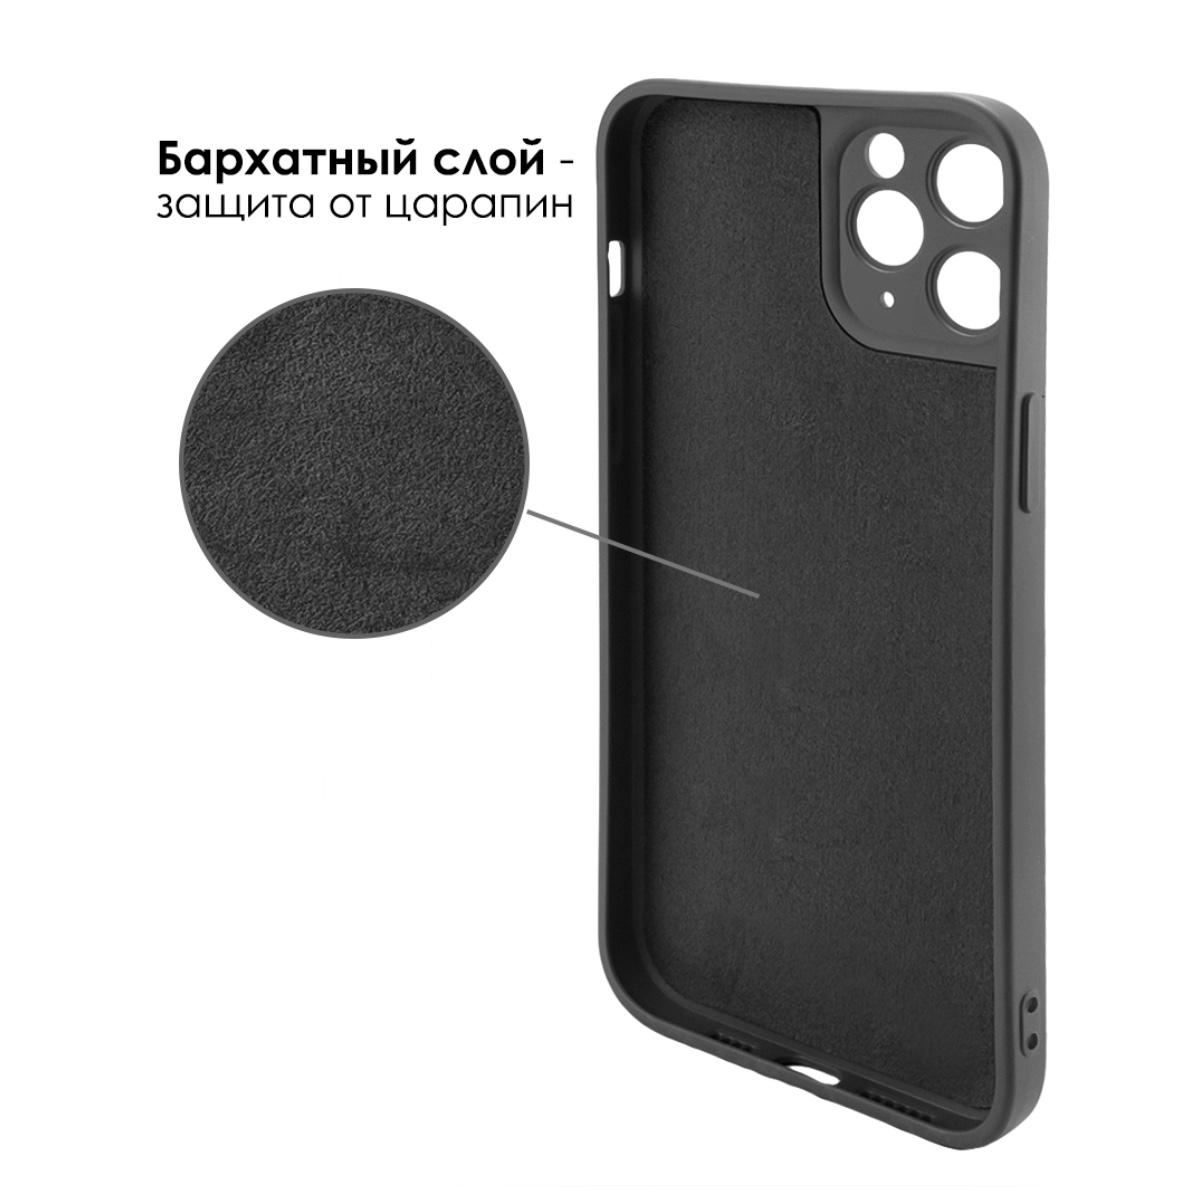 Черный силиконовый чехол для iPhone 11 Pro Rick/ Рик и морти для Айфон 11 Про